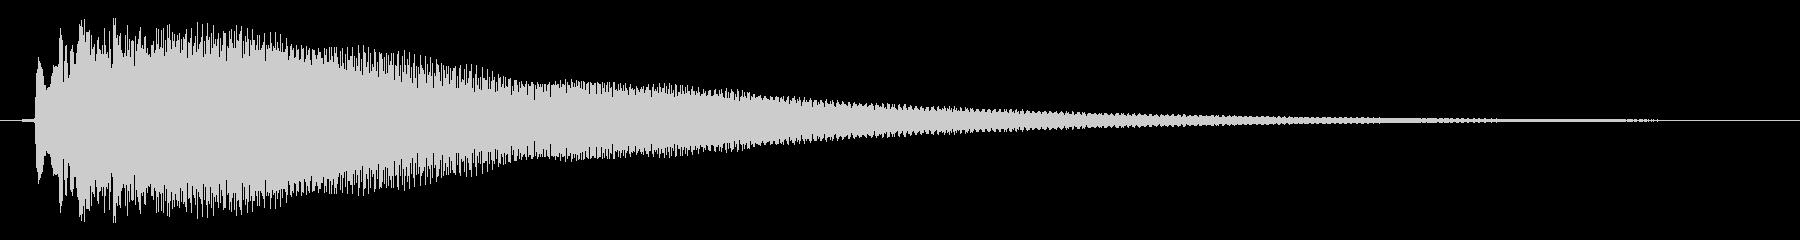 ひらめきの音の未再生の波形